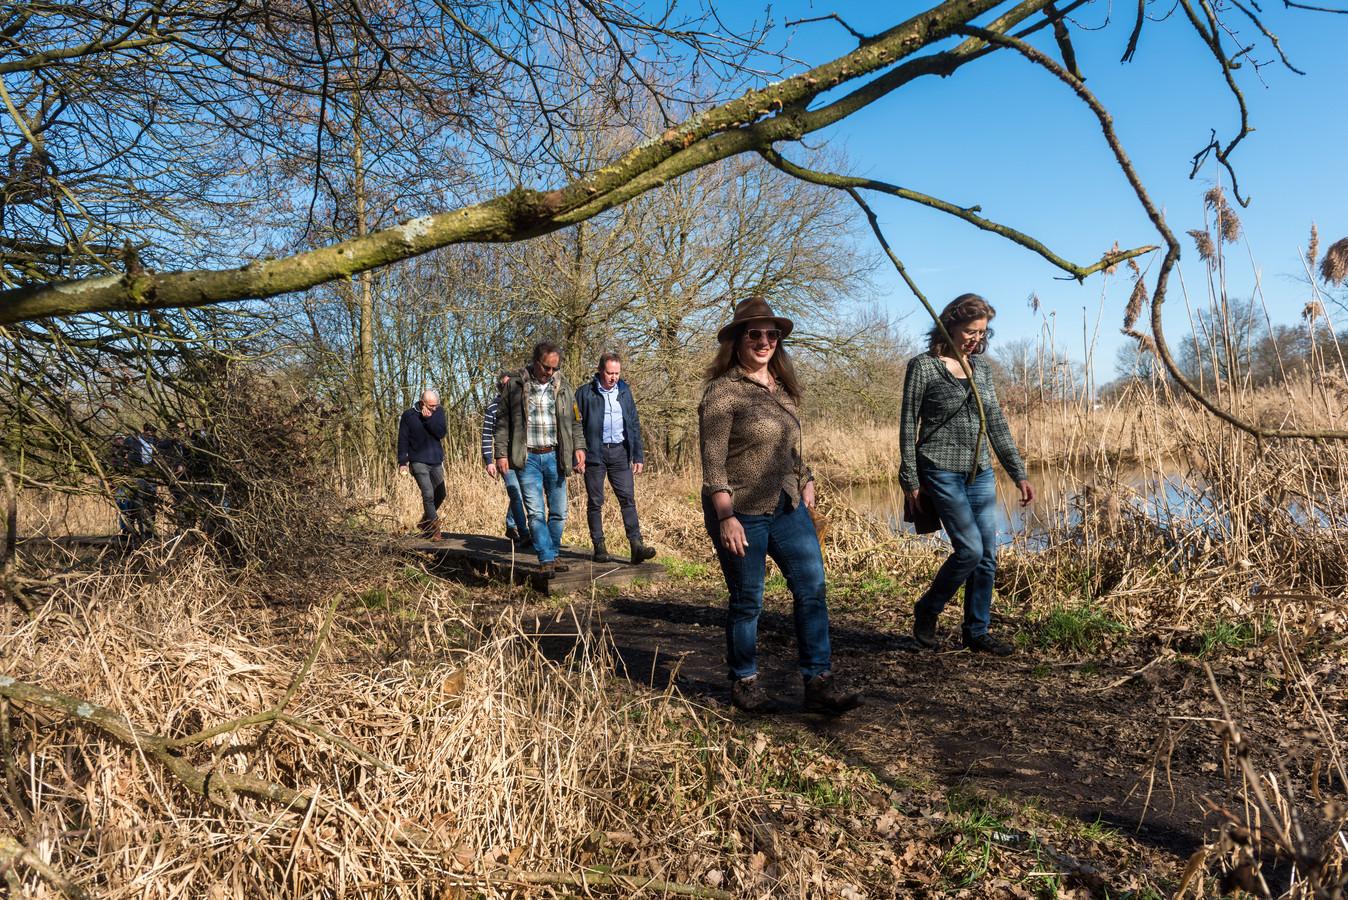 Tijdens de businesswandeling van netwerkvereniging Brabant Onderneemt vertelde Van Paassen woensdag aan een twintigtal ondernemende wandelaars over haar persoonlijke ervaringen met prestatiedrang.